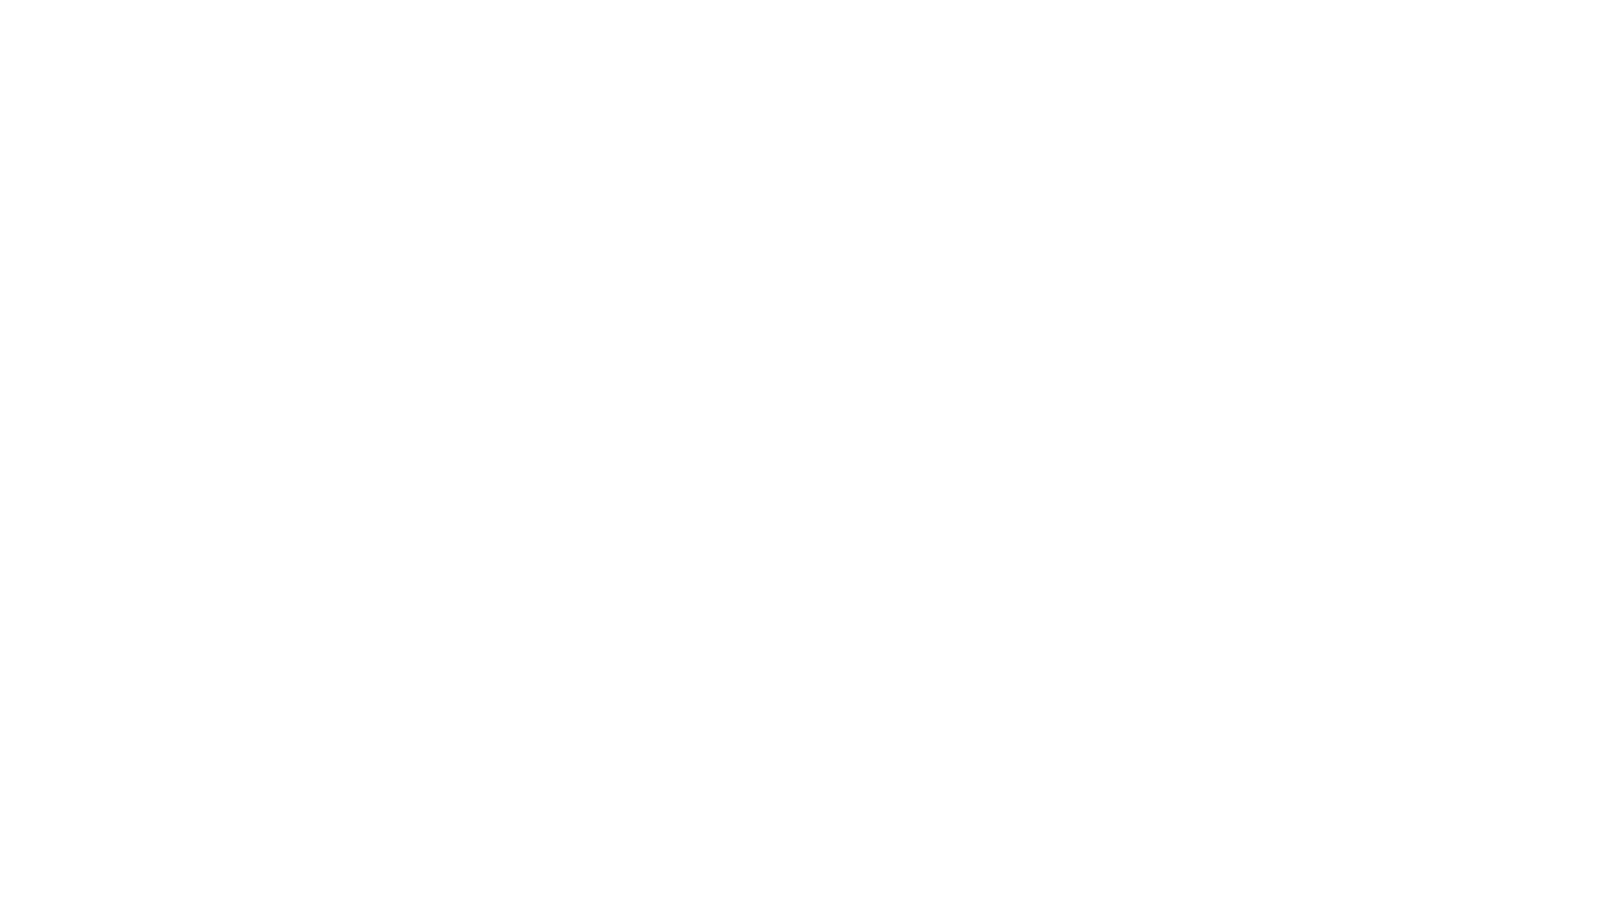 Gel Gör Beni Aşk Neyledi ~ Single 2021 74 Ülkede Dijital Müzik Platformlarında Yayınlandı.  Güftesi Yunus Emre Hazretleri'inin kaleminden yazılmış, Bestesi, Anadolu İnsanın kulaklarında pelesenk olmuş bu kıymetli eserimizi yeniden okuyarak ufak bir dokunuş getirmeye gayret ederek, ebediyete armağan ediyor, beğenen-beğenmeyen, paylaşarak nezaketini gösteren tüm herkese yürekten teşekkür ediyorum.. #single #music